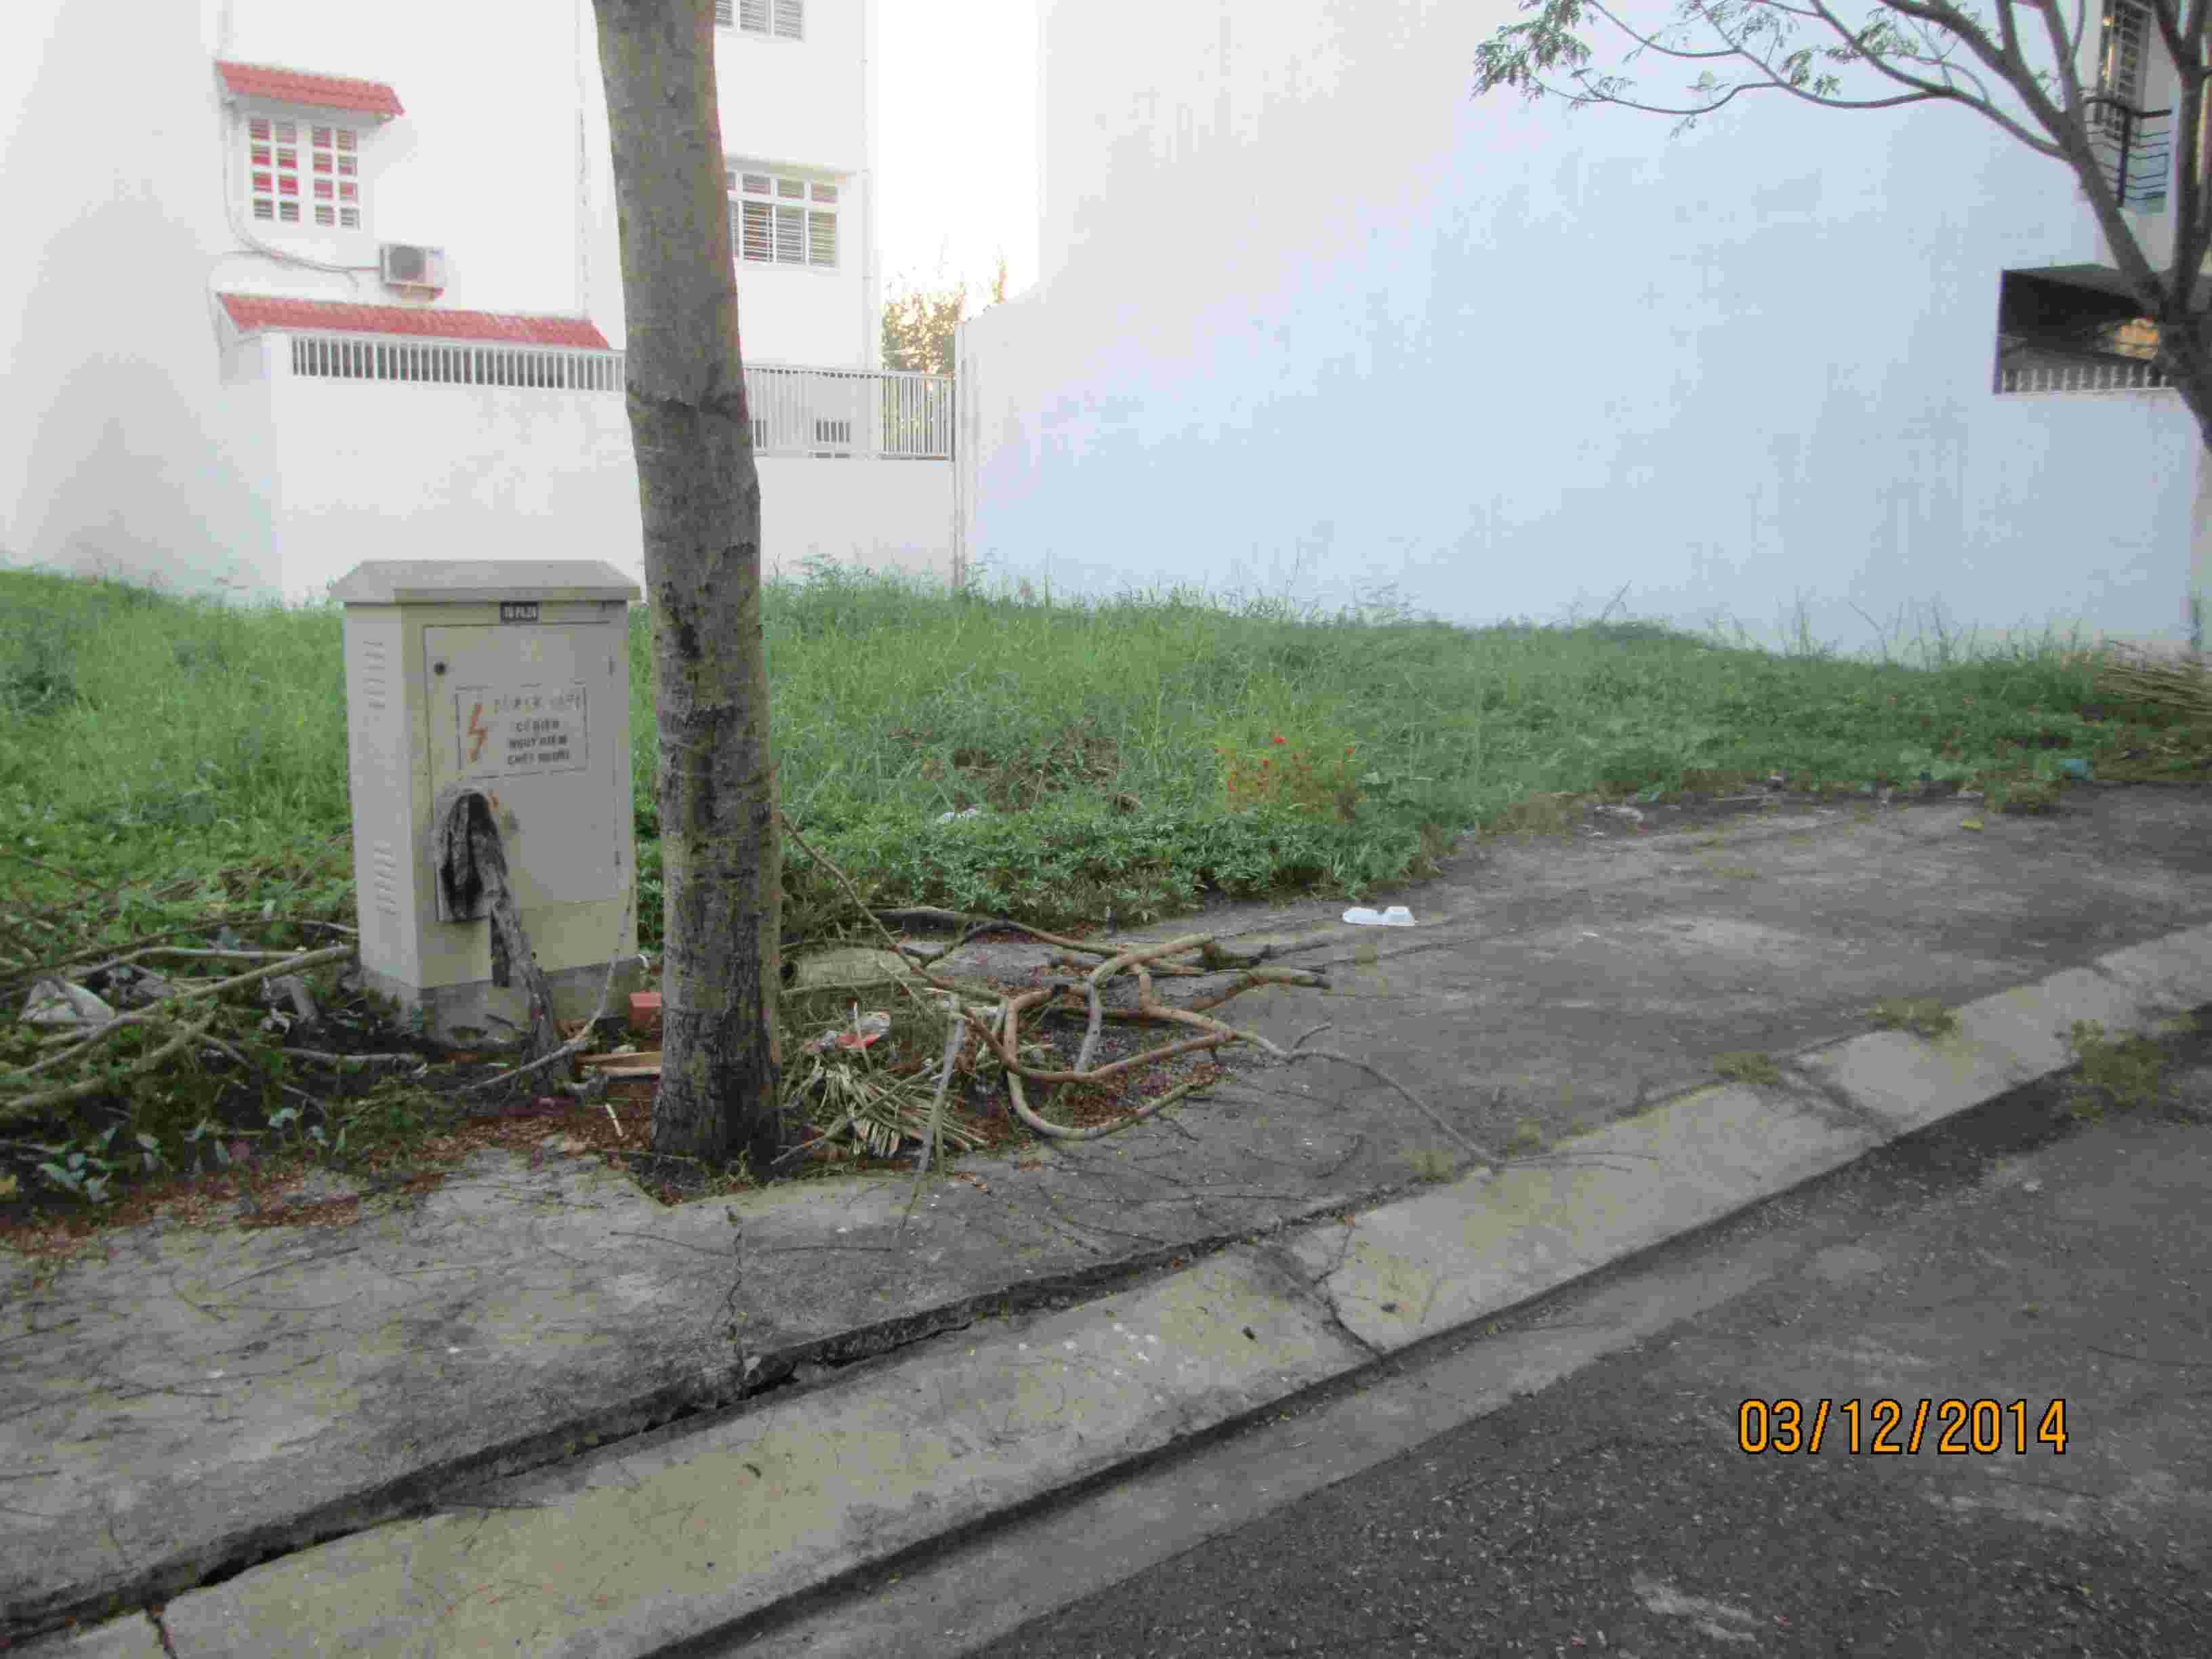 Bán đất nền nhà phố Sadeco Ven Sông, MT đường Nguyễn Văn Linh, lô C19, 126m2, giá 123 triệu/m2